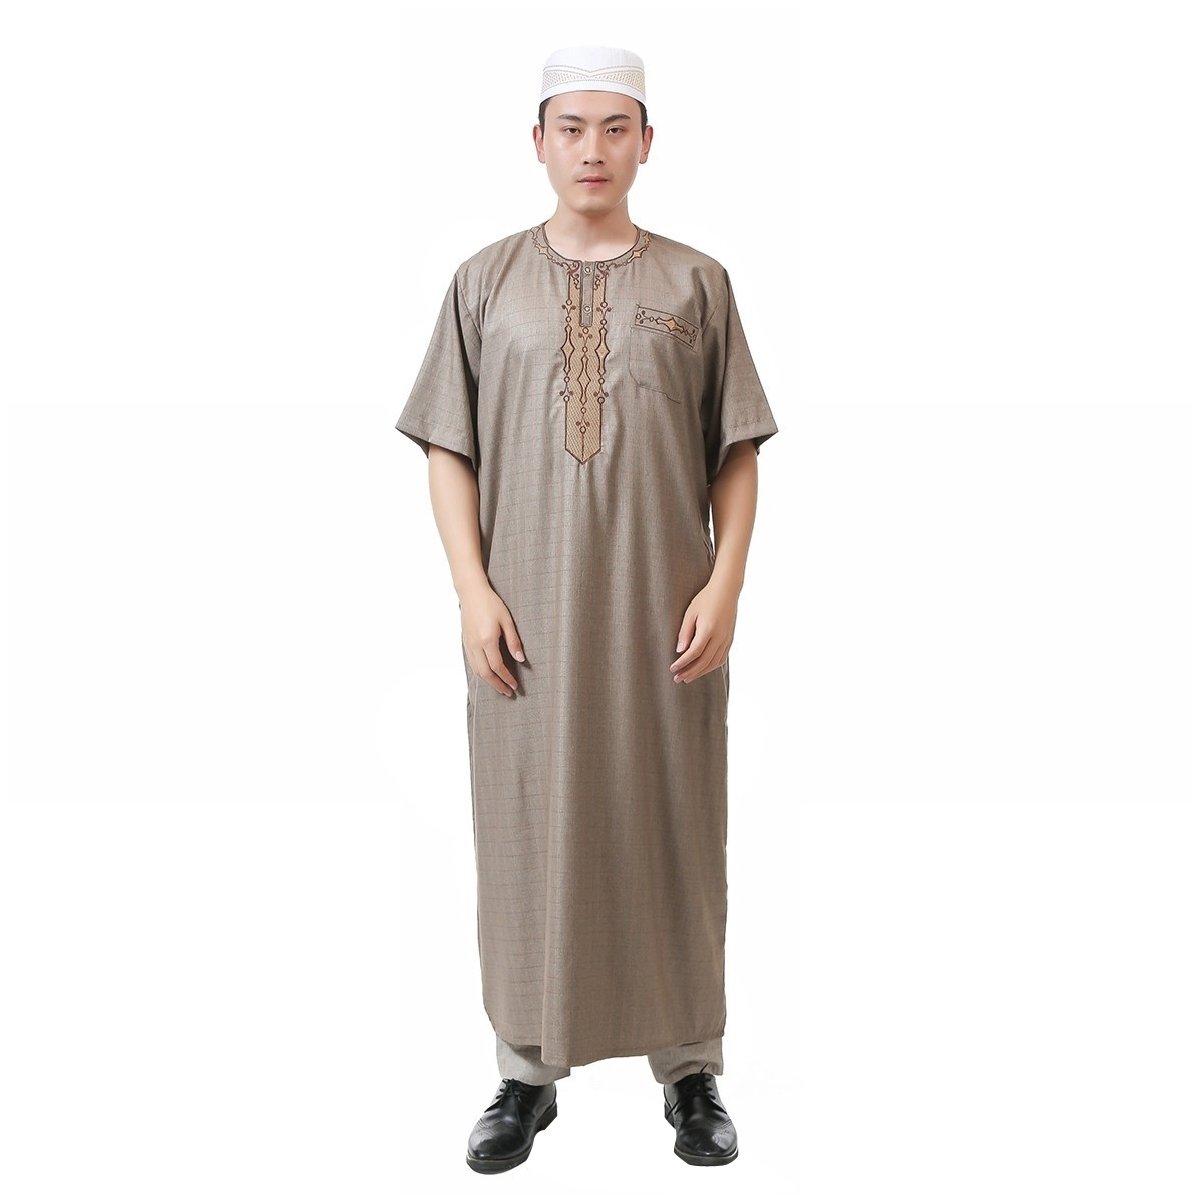 Coolred Men's Short-Sleeve Cotton Linen Blend Summer Plaid Muslim Thobe Khaki 56